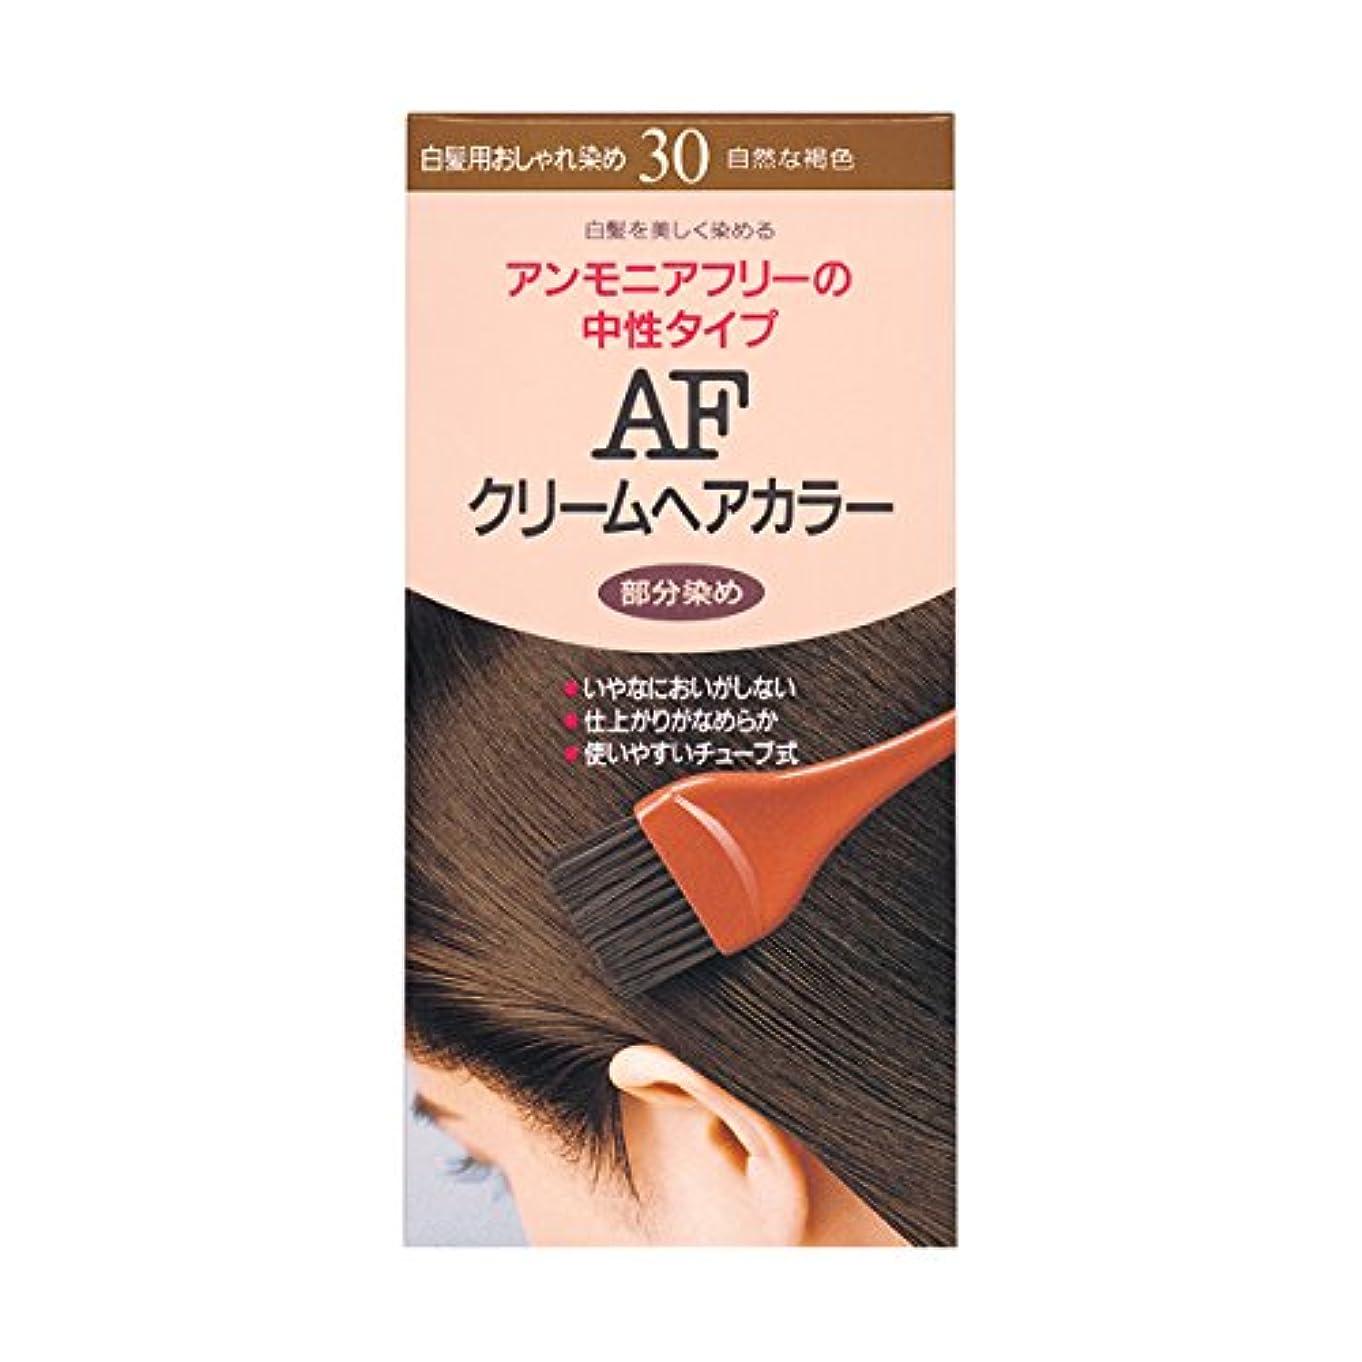 副ファックス電極ヘアカラー AFクリームヘアカラー 30 【医薬部外品】